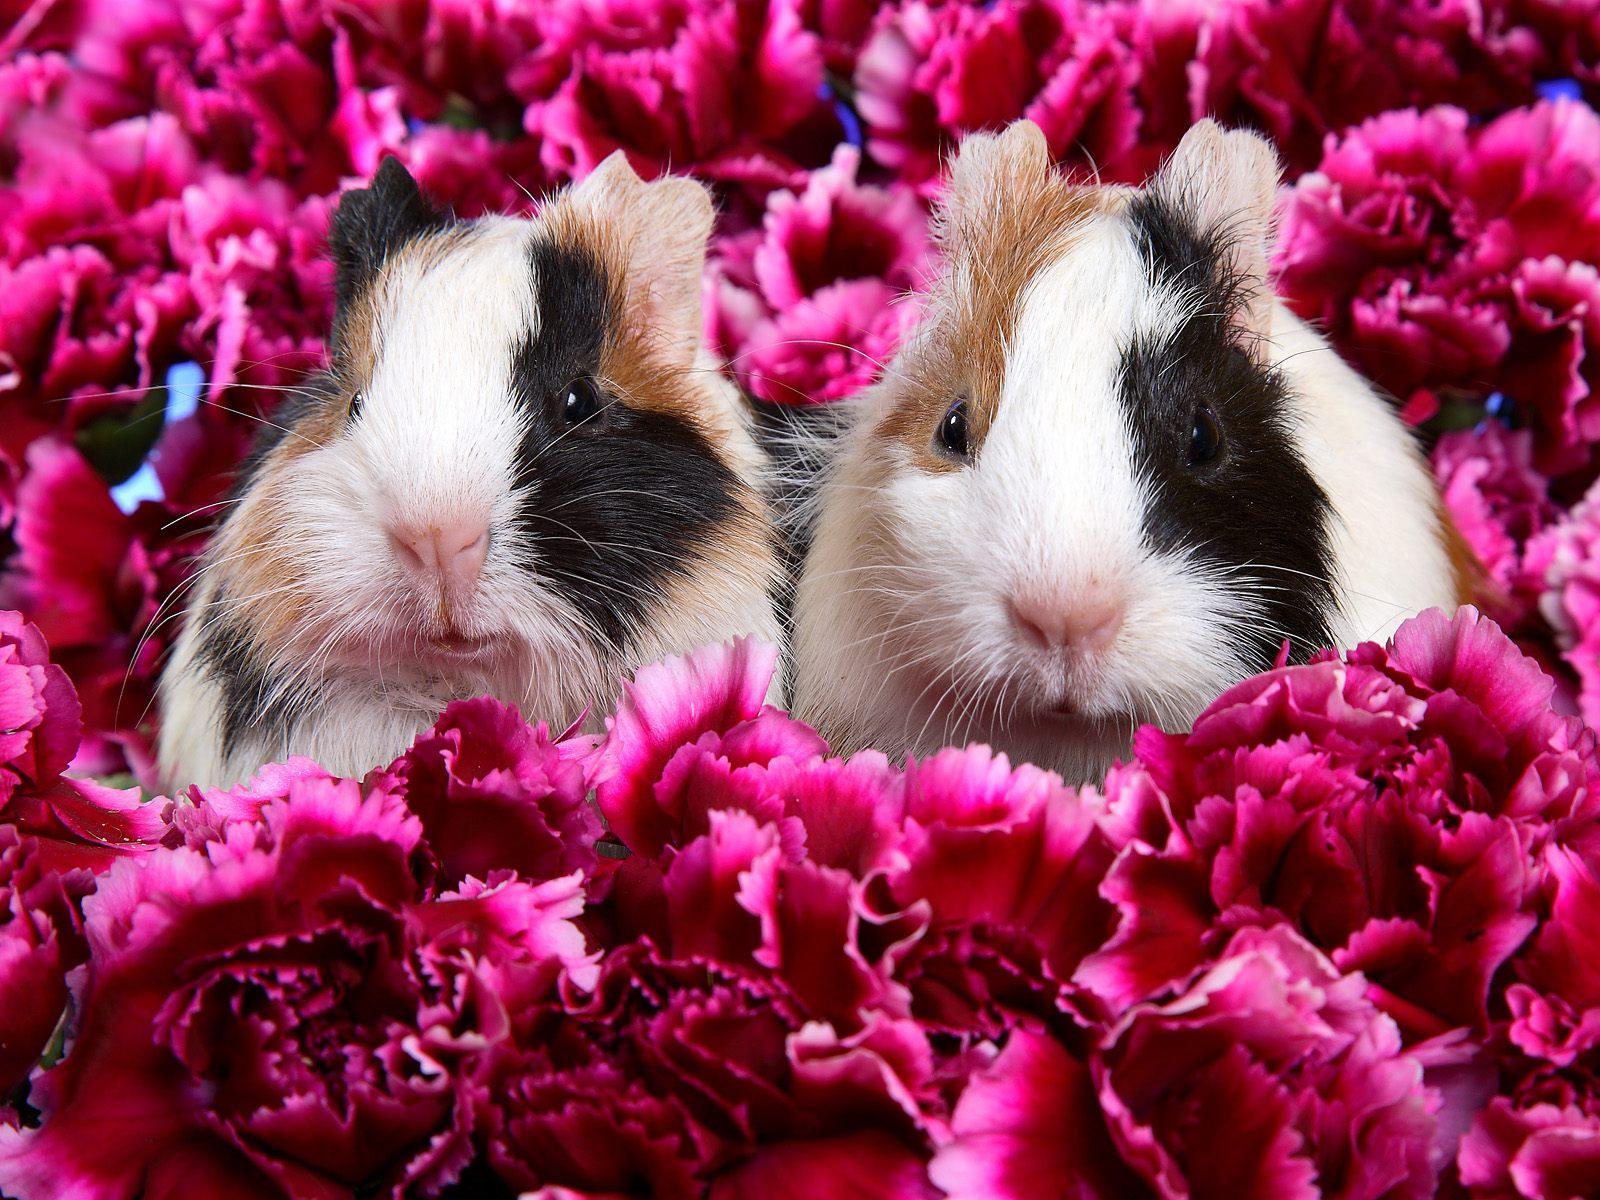 http://1.bp.blogspot.com/--UX-o8DCQ_8/Toa4viFxCqI/AAAAAAAAAko/3j3Reu4tgaA/s1600/Guinea-Pigs-wallpaper.jpg